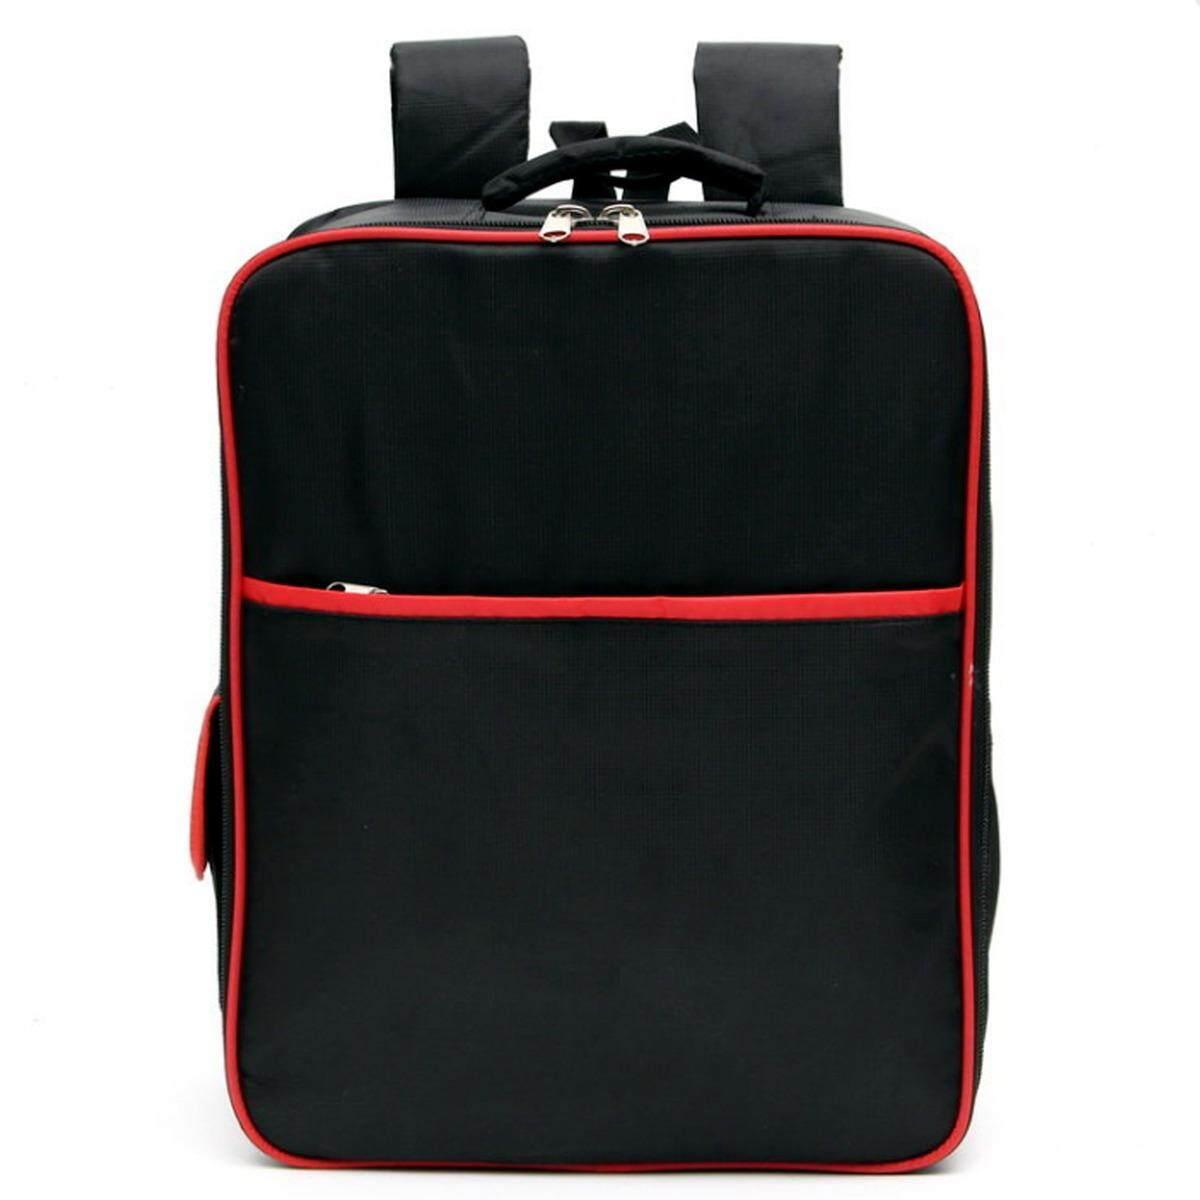 ราคา Xiaomi Mi Drone 4K กระเป๋าโดรนของแท้จากโรงงาน ถูก